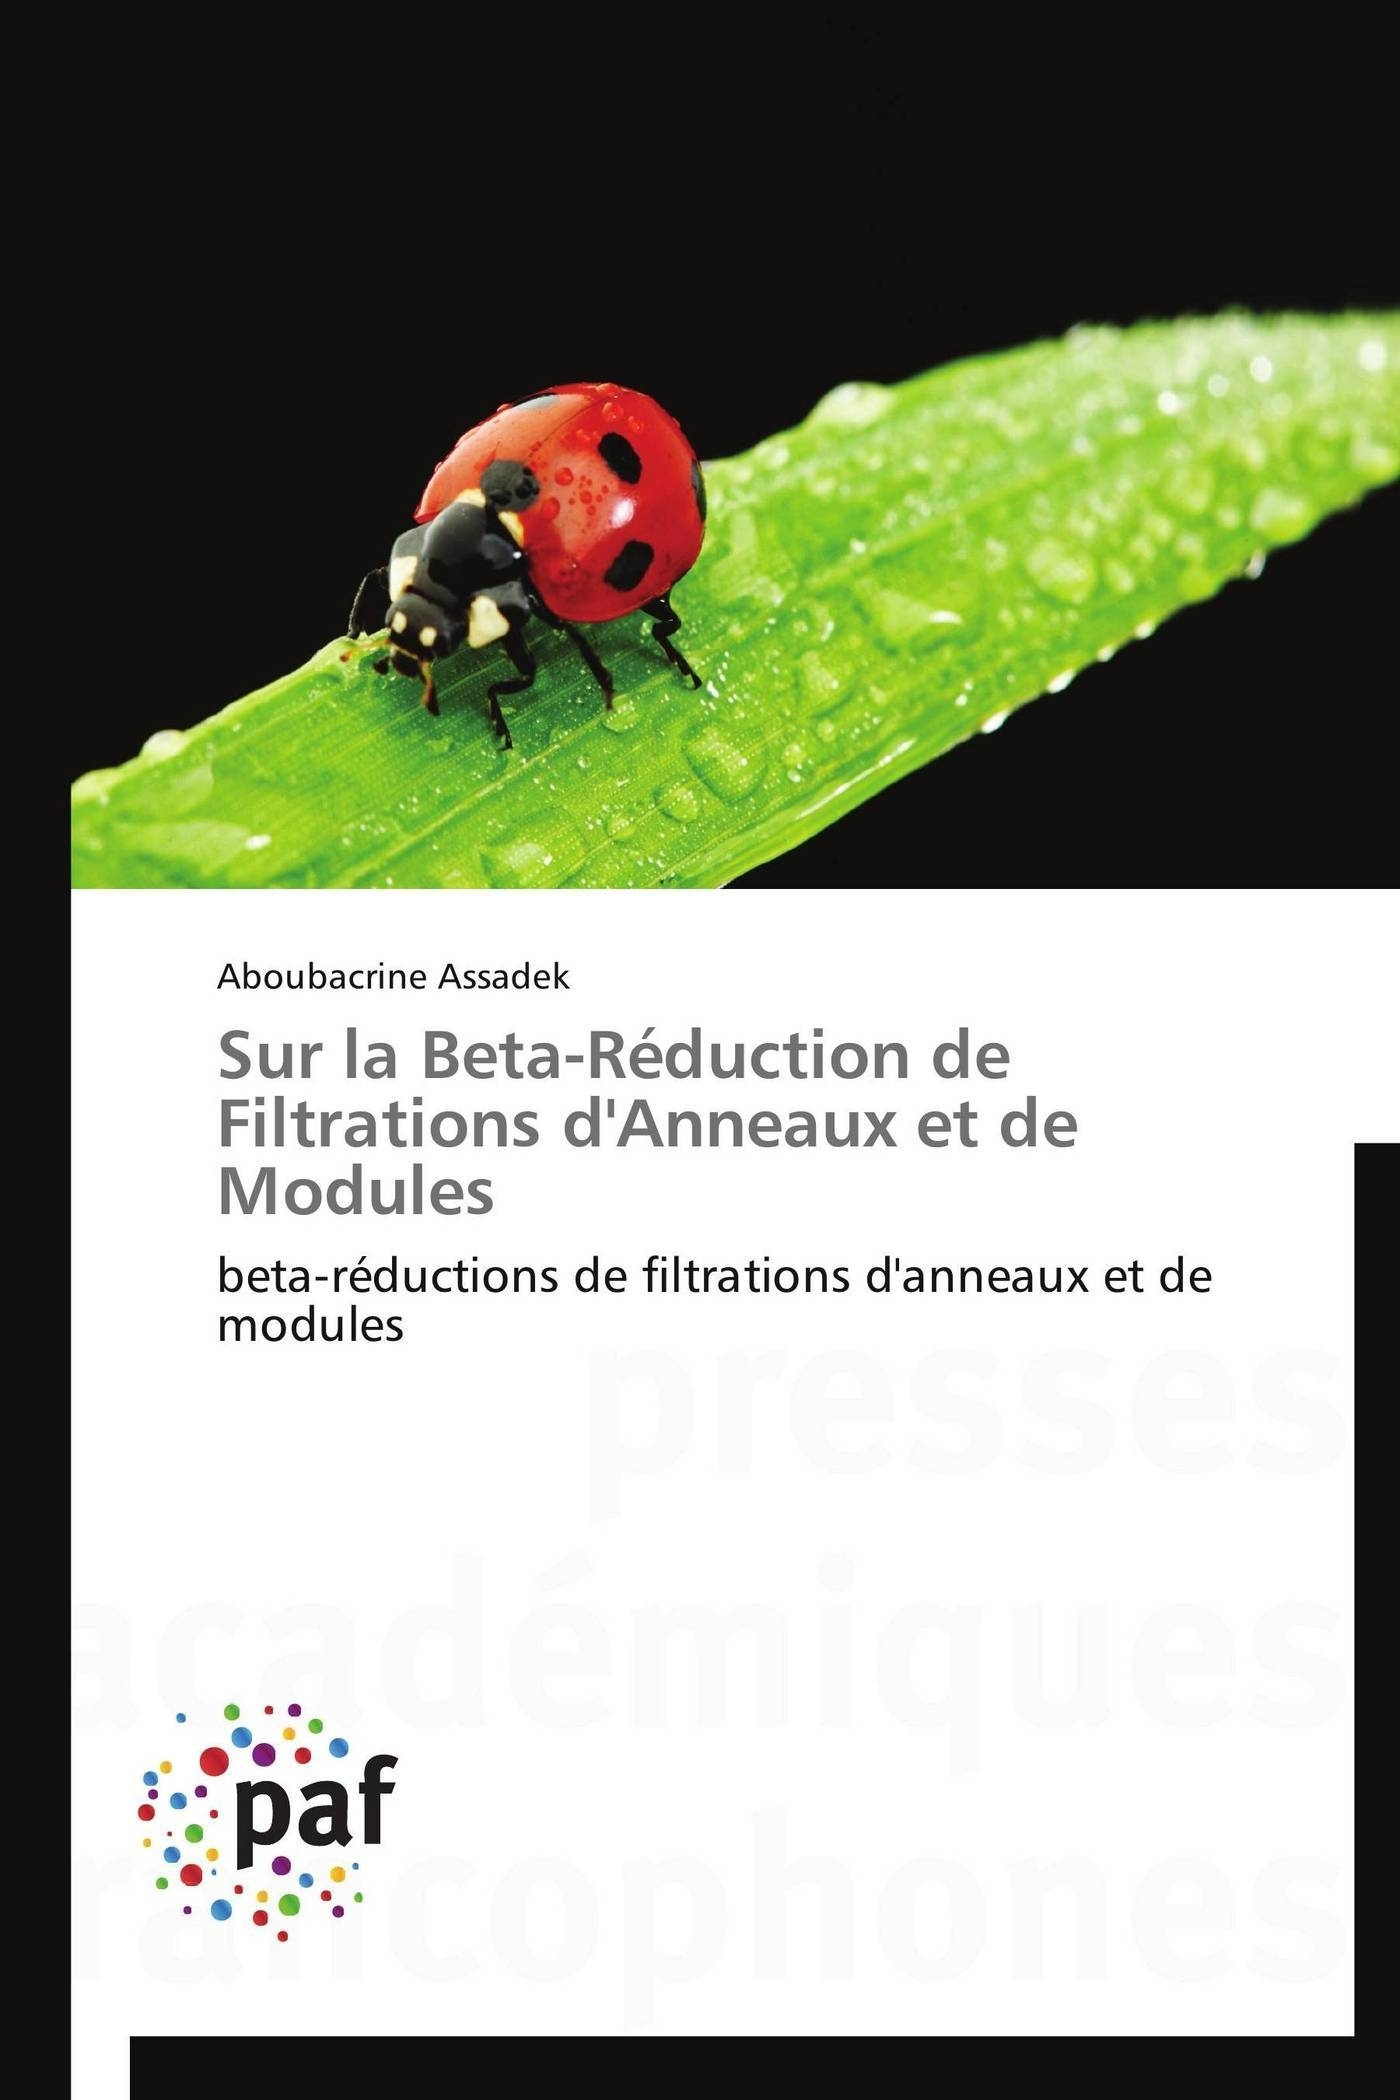 SUR LA BETA-REDUCTION DE FILTRATIONS D'ANNEAUX ET DE MODULES